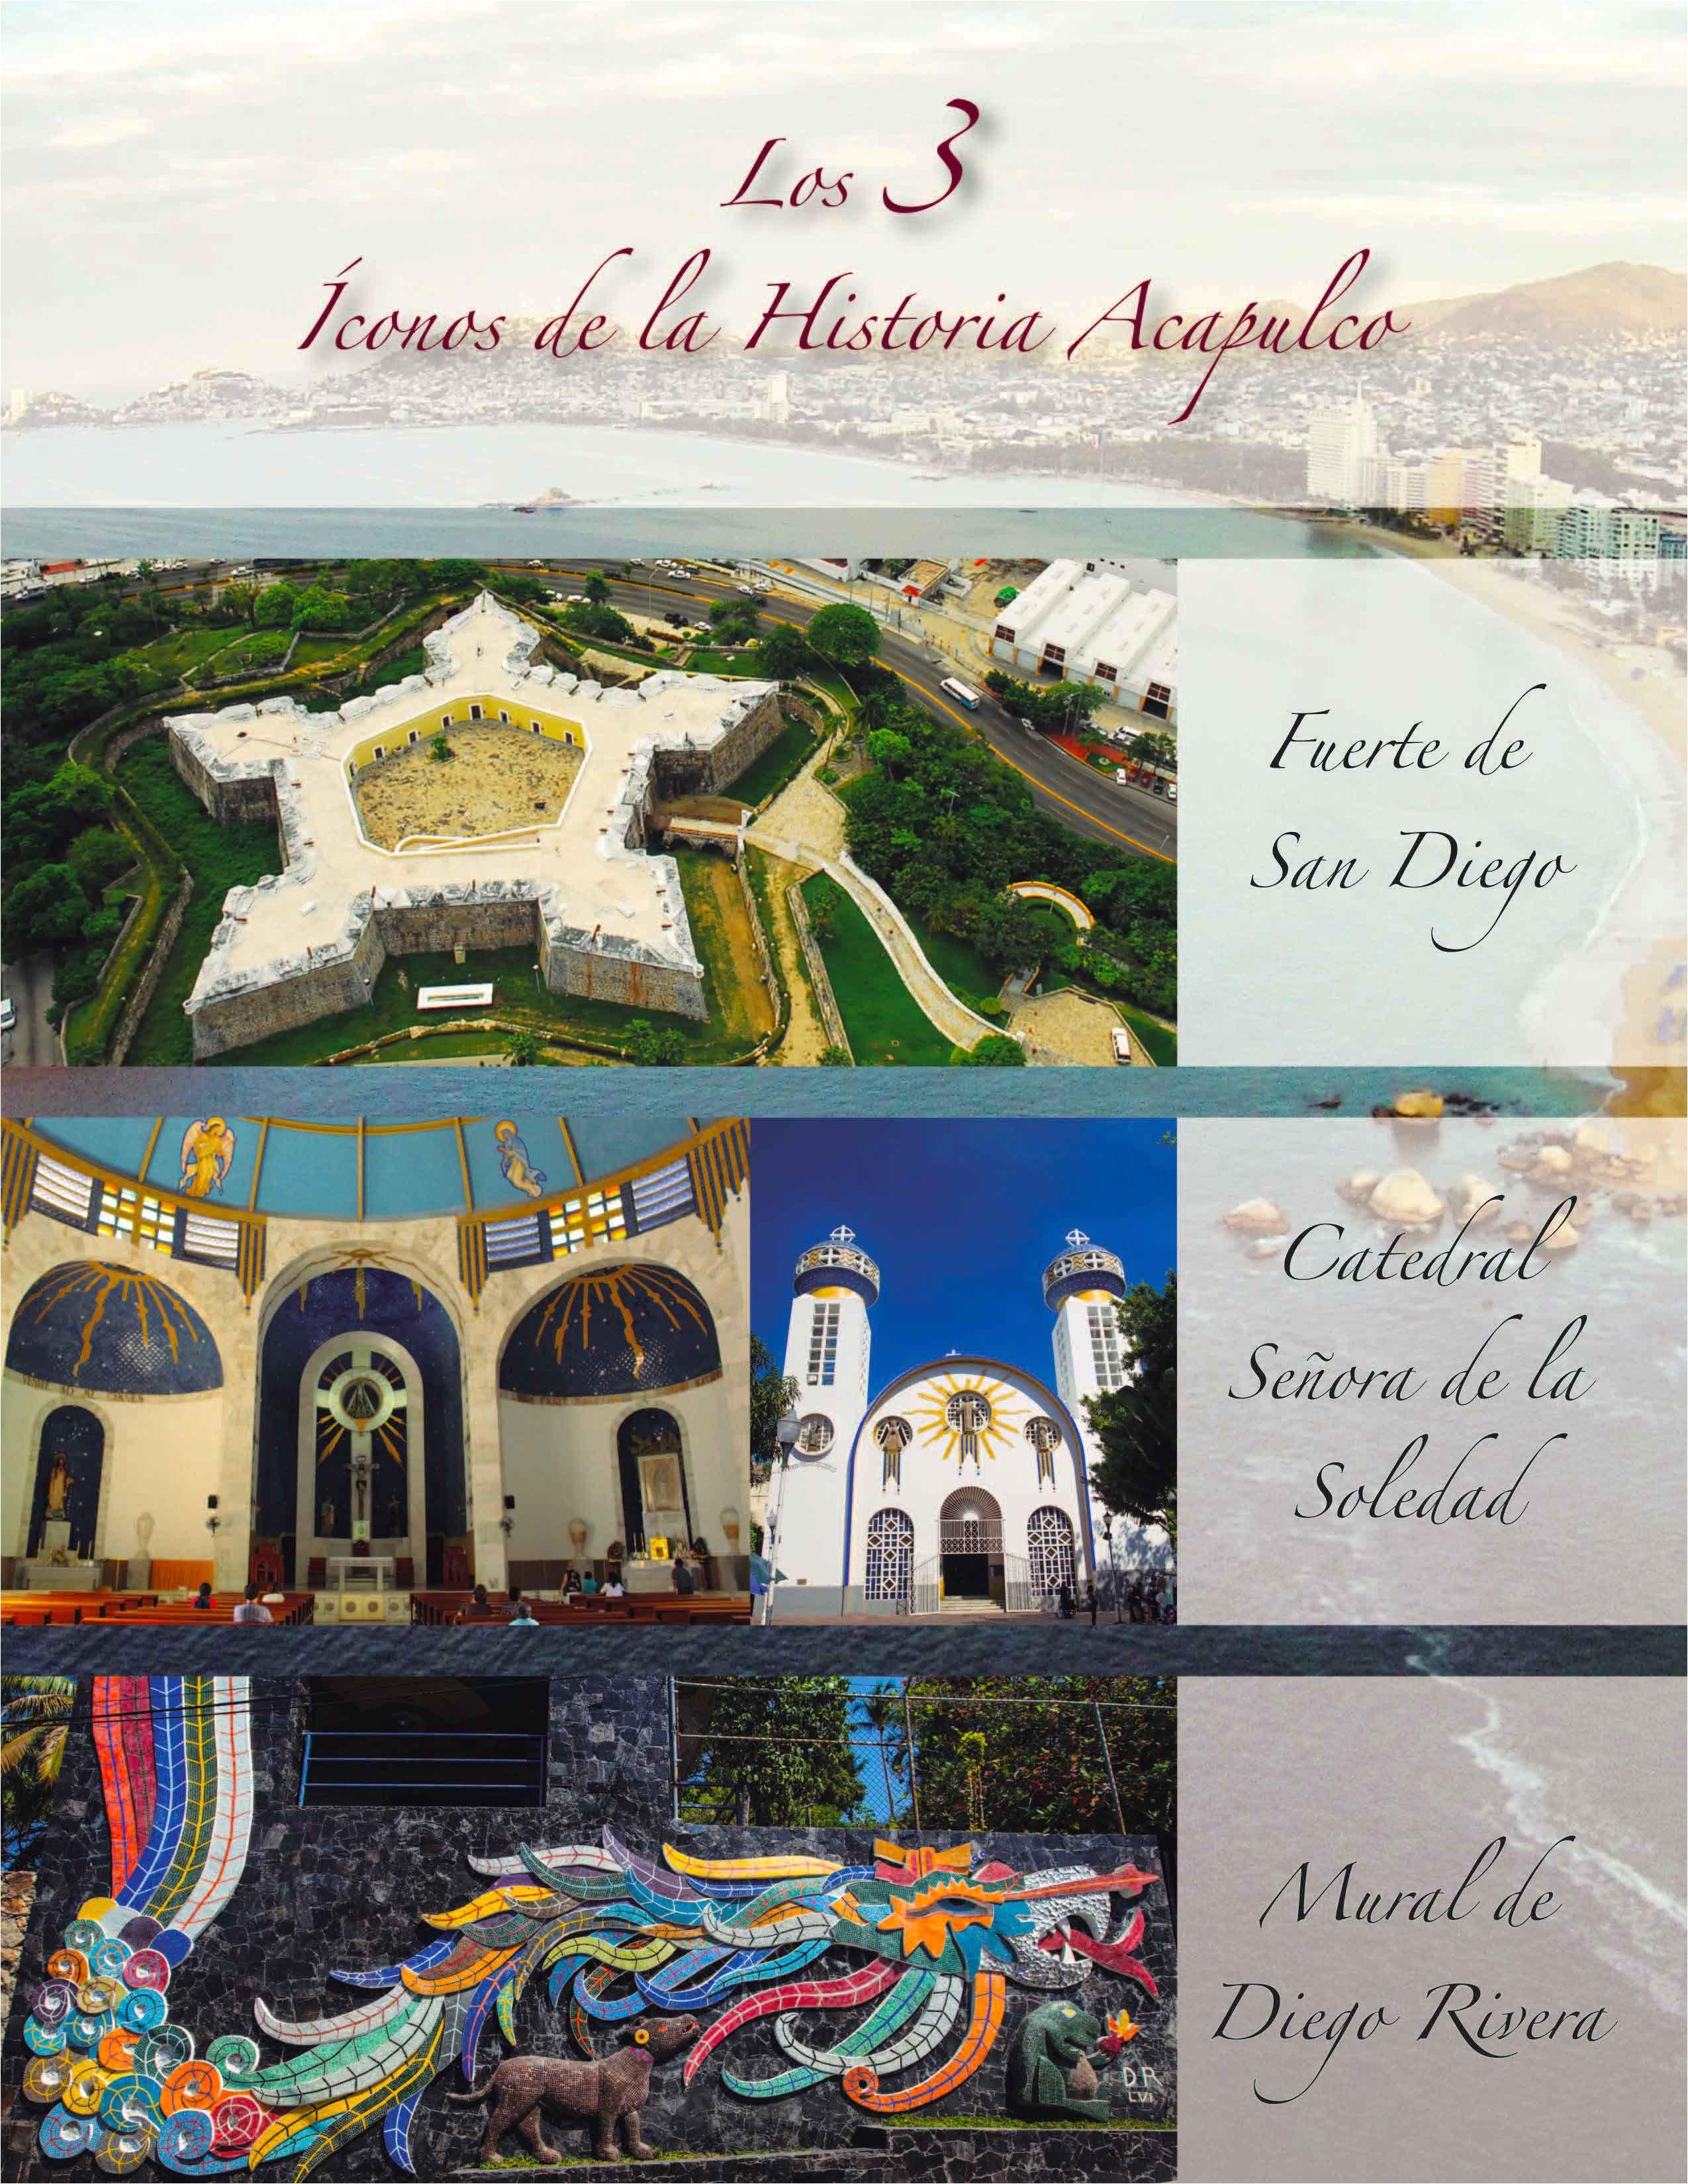 fuerte de san diego cruceros frente al fuerte de san diego cruise ships in front of san diego fort descubre acapulco discover acapulco pinterest